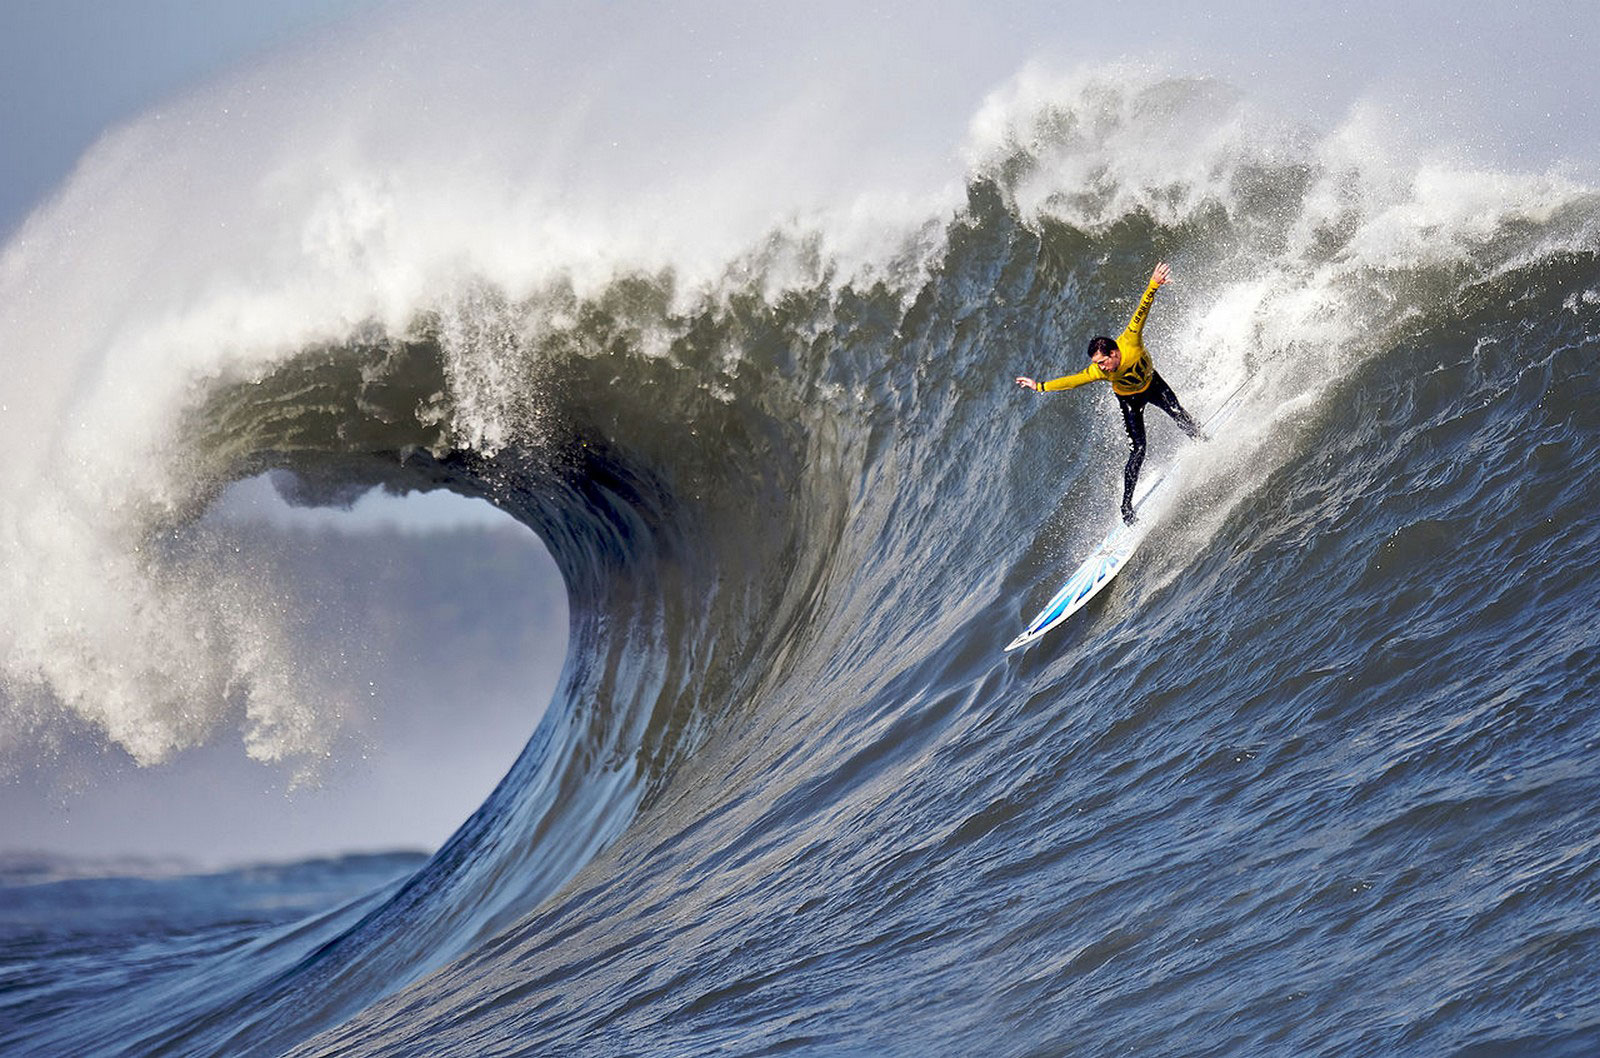 серфинг в Мавериксе, фото